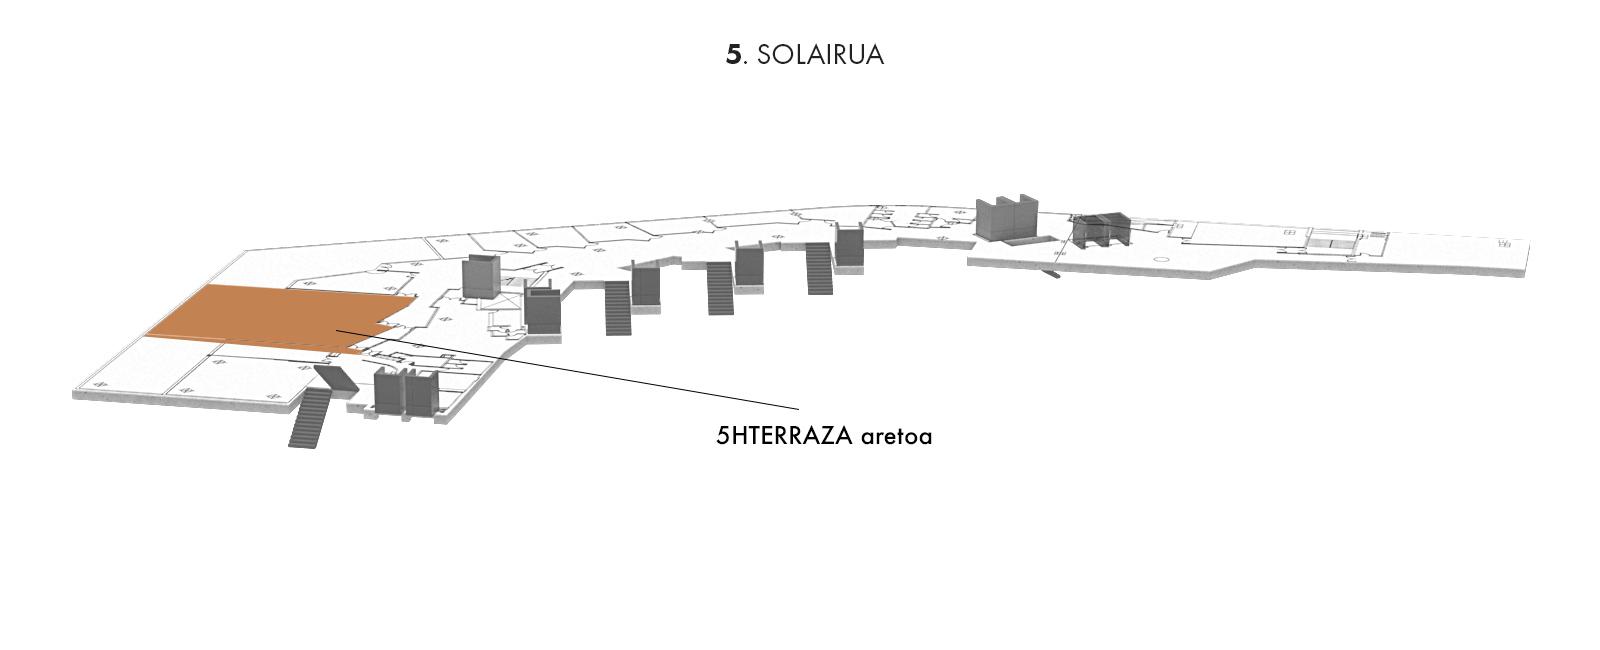 5HTERRAZA aretoa, 5. solairua | Palacio Euskalduna Jauregia